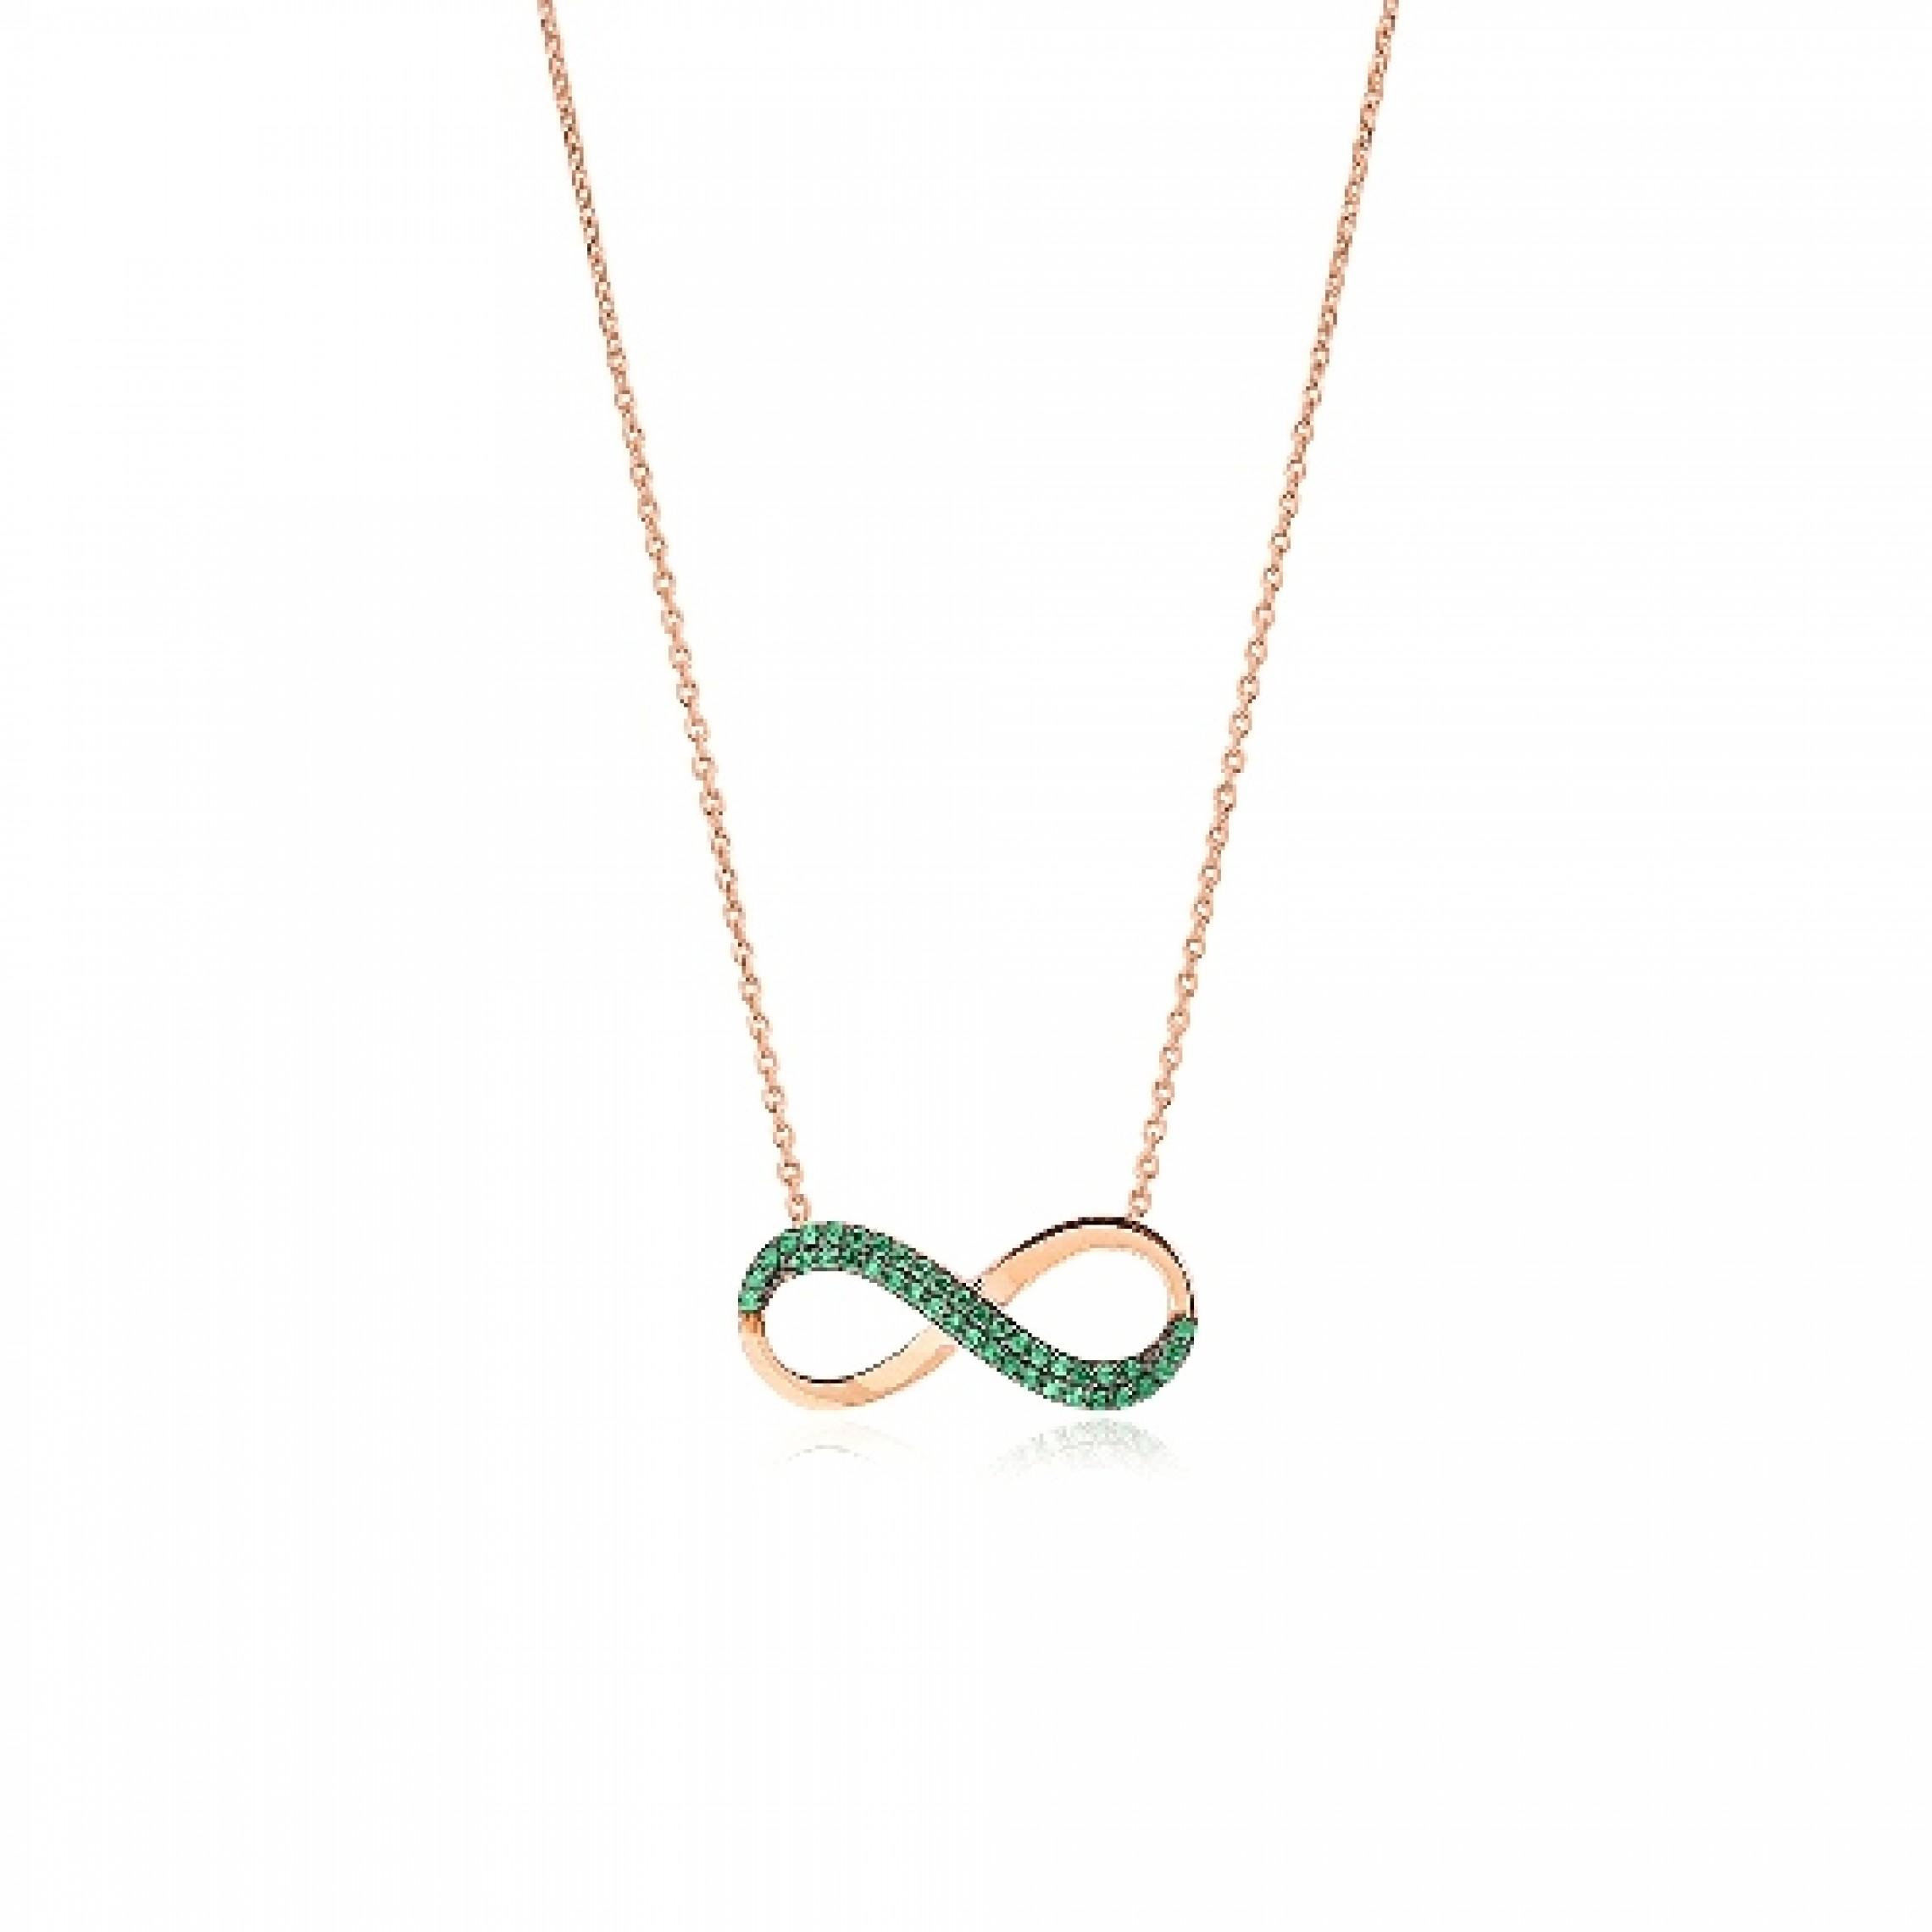 JN-190114 Evil Eye 925 Sterling Silver CZ Necklace Infinity